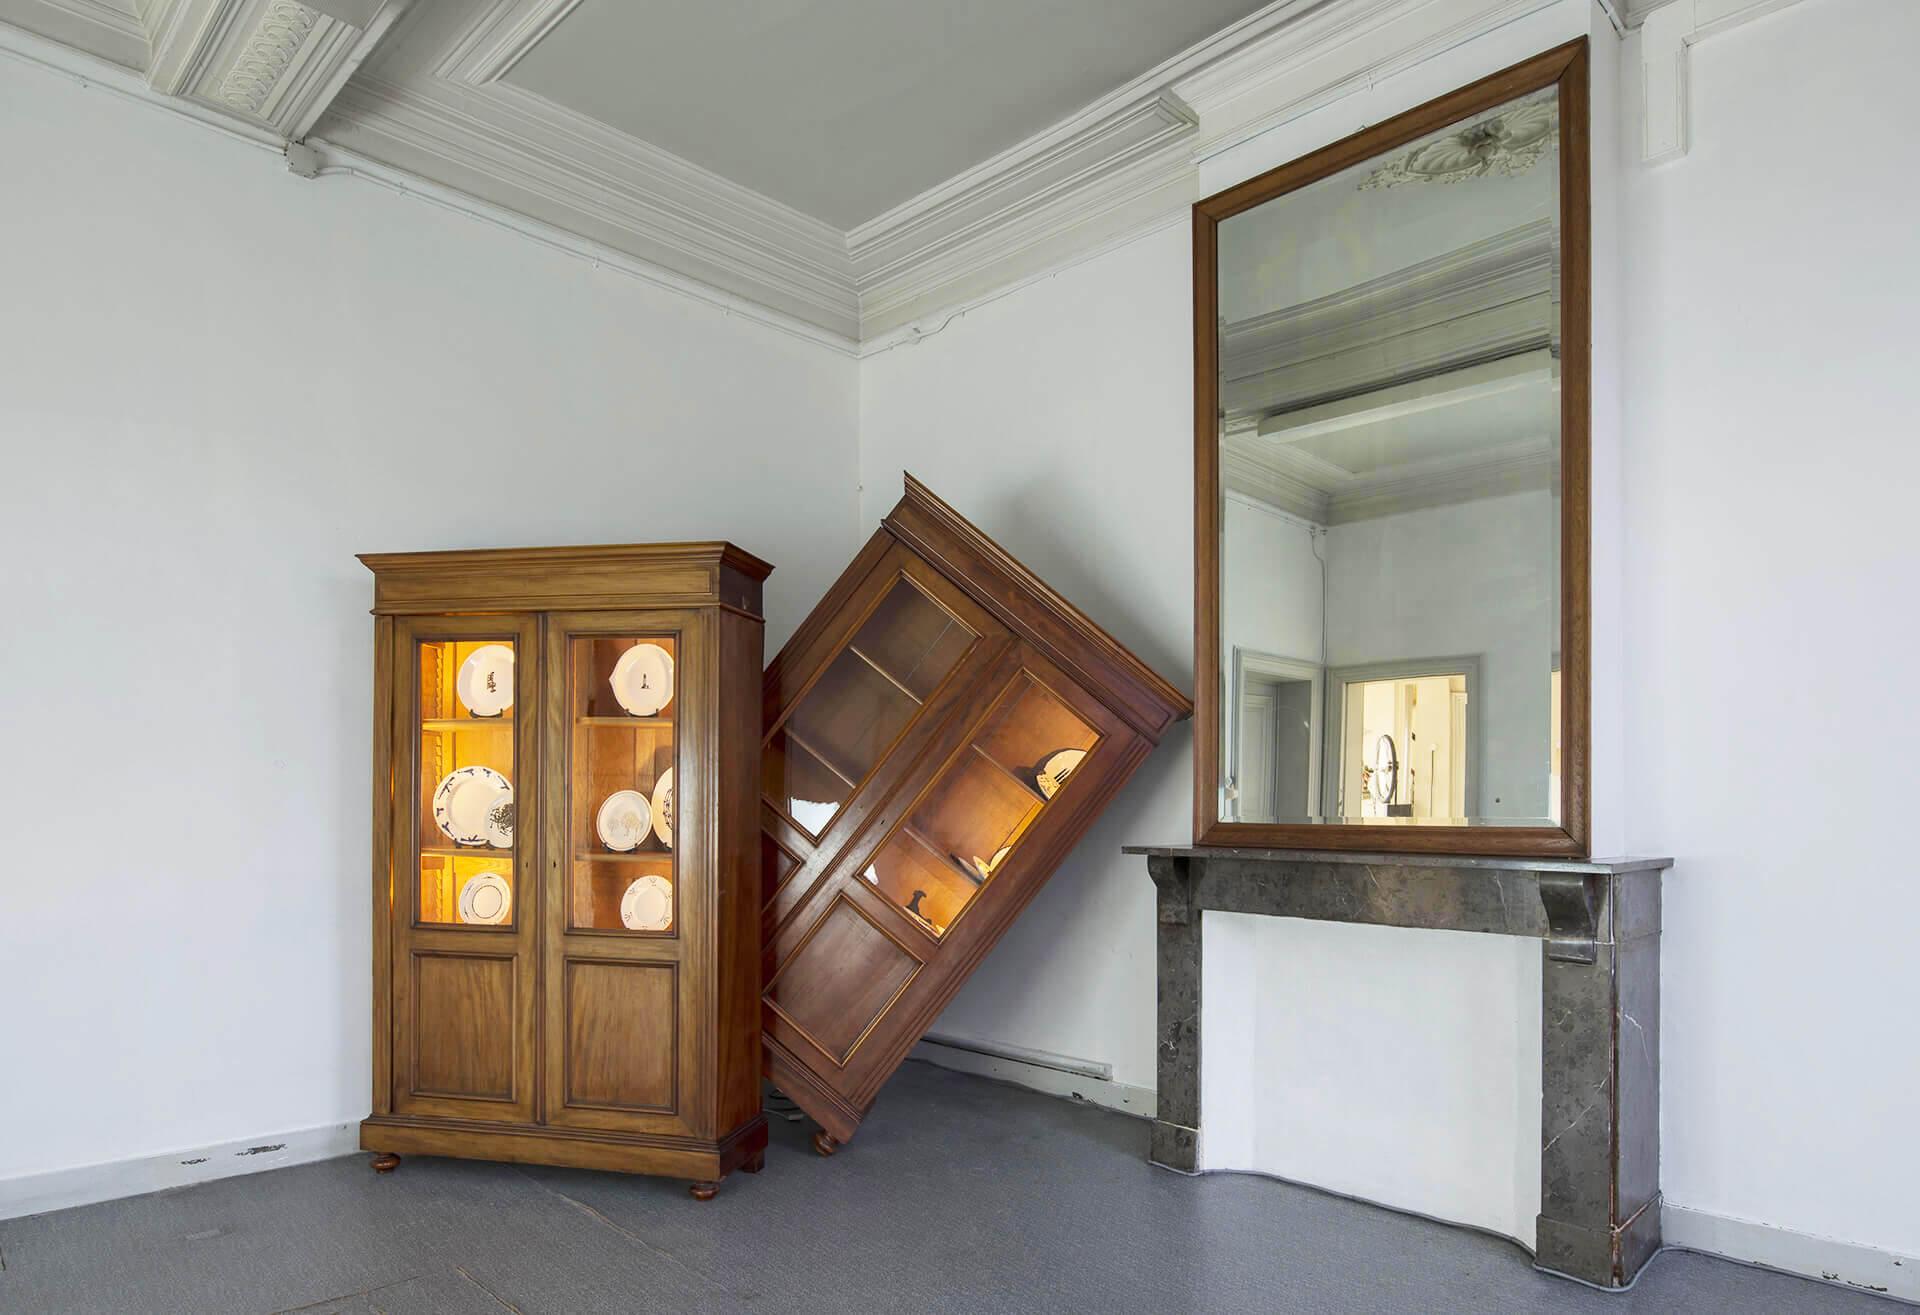 Hanane El Farissi, Basculement, installation composée de grosses armoires avec vitrines et assiettes de verre; arts contemporains au Maroc